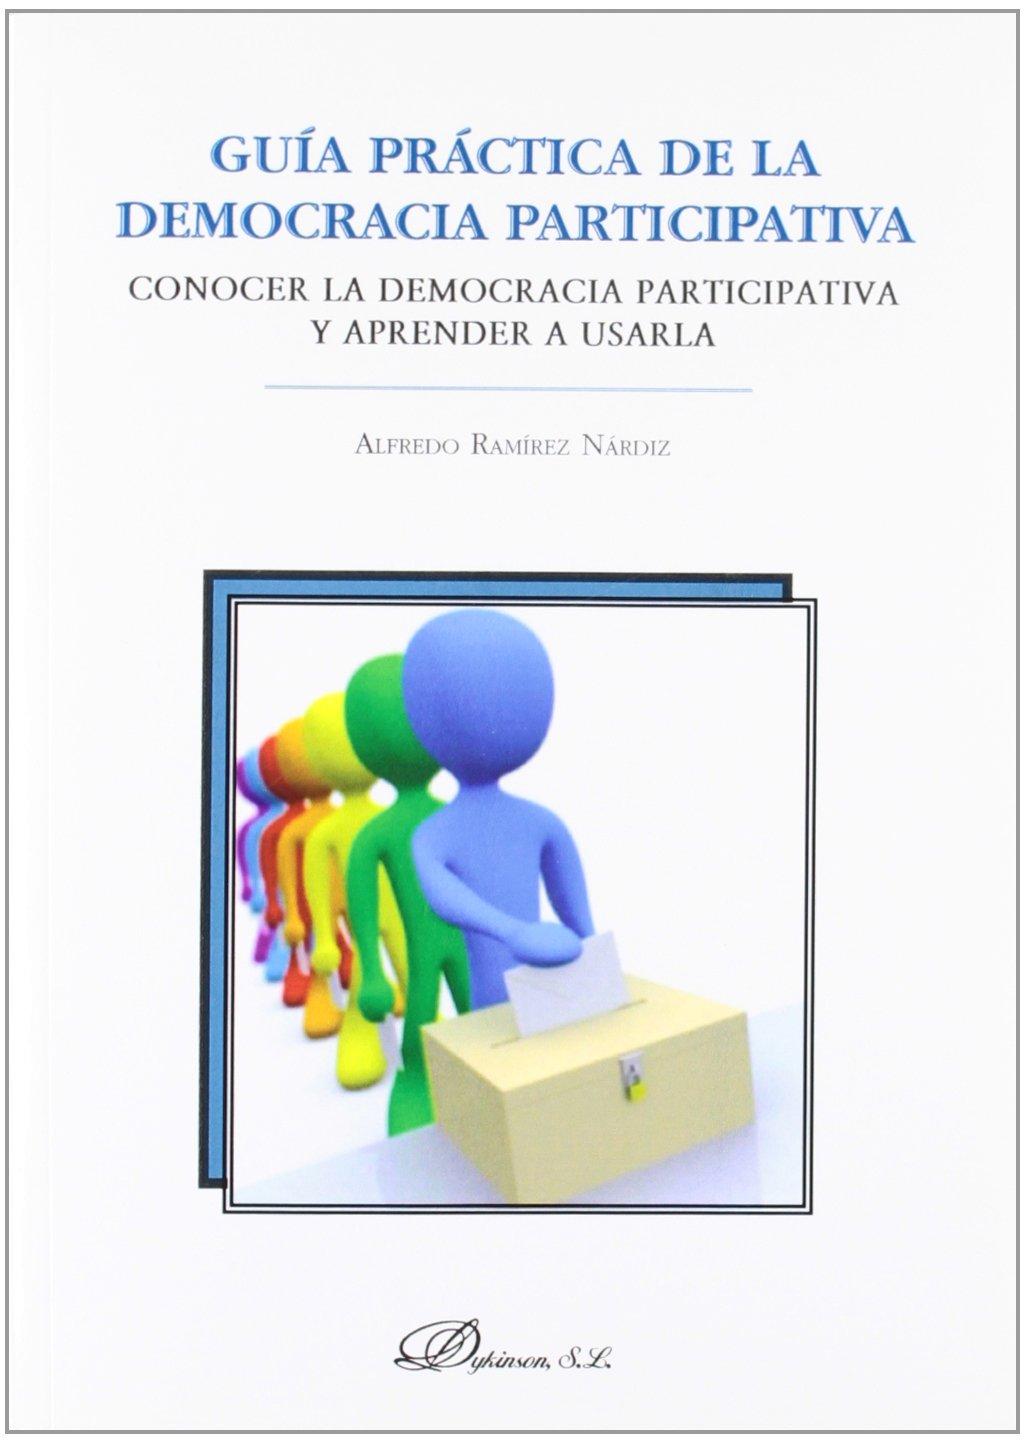 Guía práctica de la democracia participativa: Conocer la democracia participativa y aprender a usarla: Amazon.es: Alfredo Ramírez Nárdiz: Libros